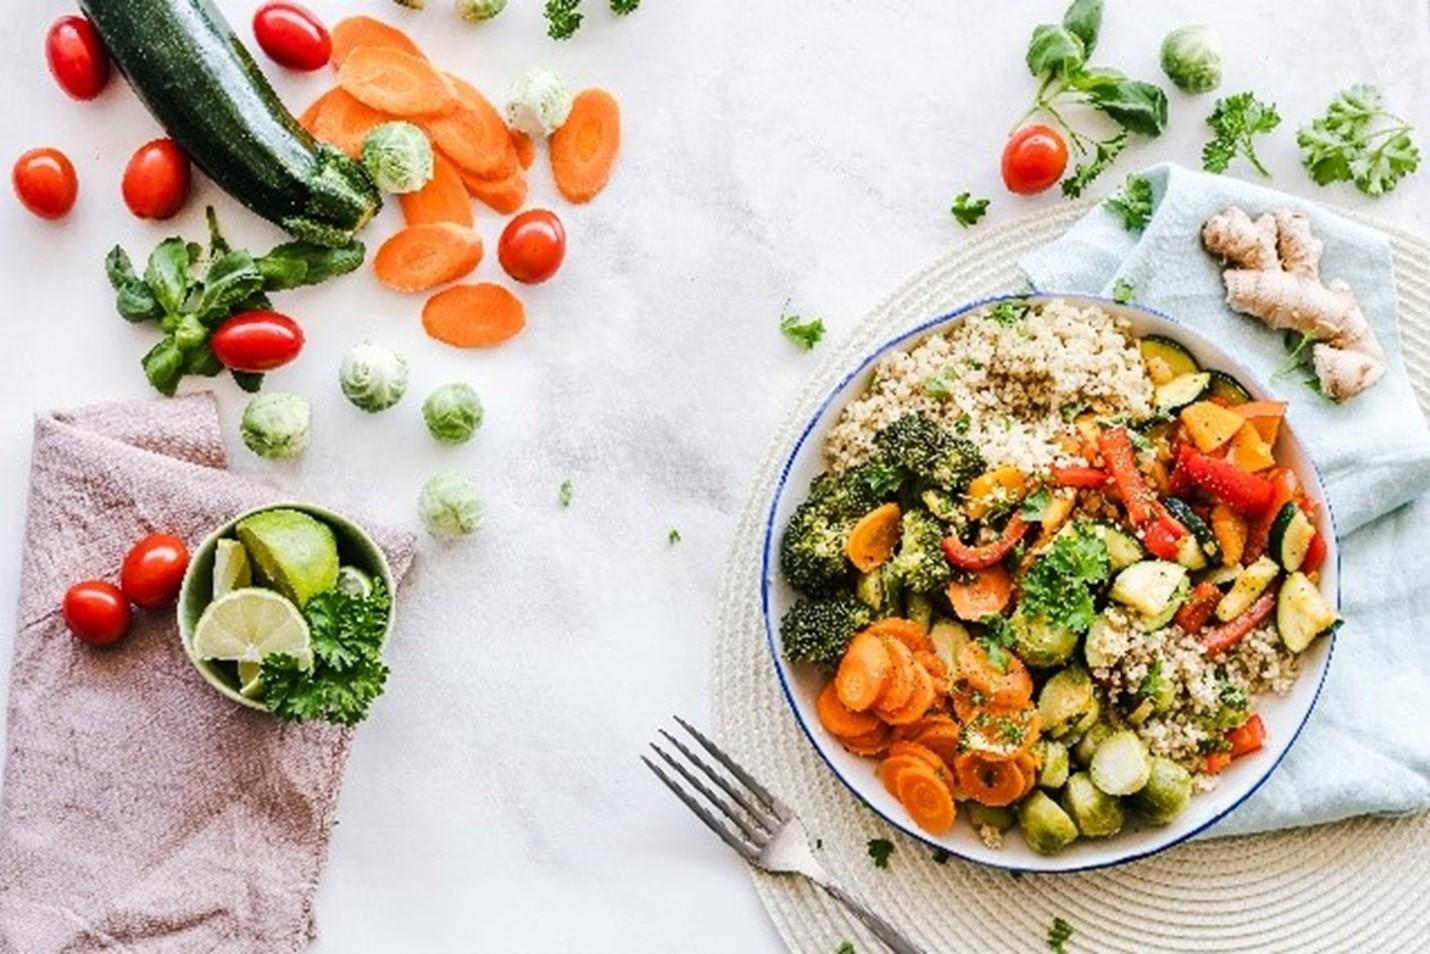 Avoir une bonne hygiène alimentaire et un mode de vie sain